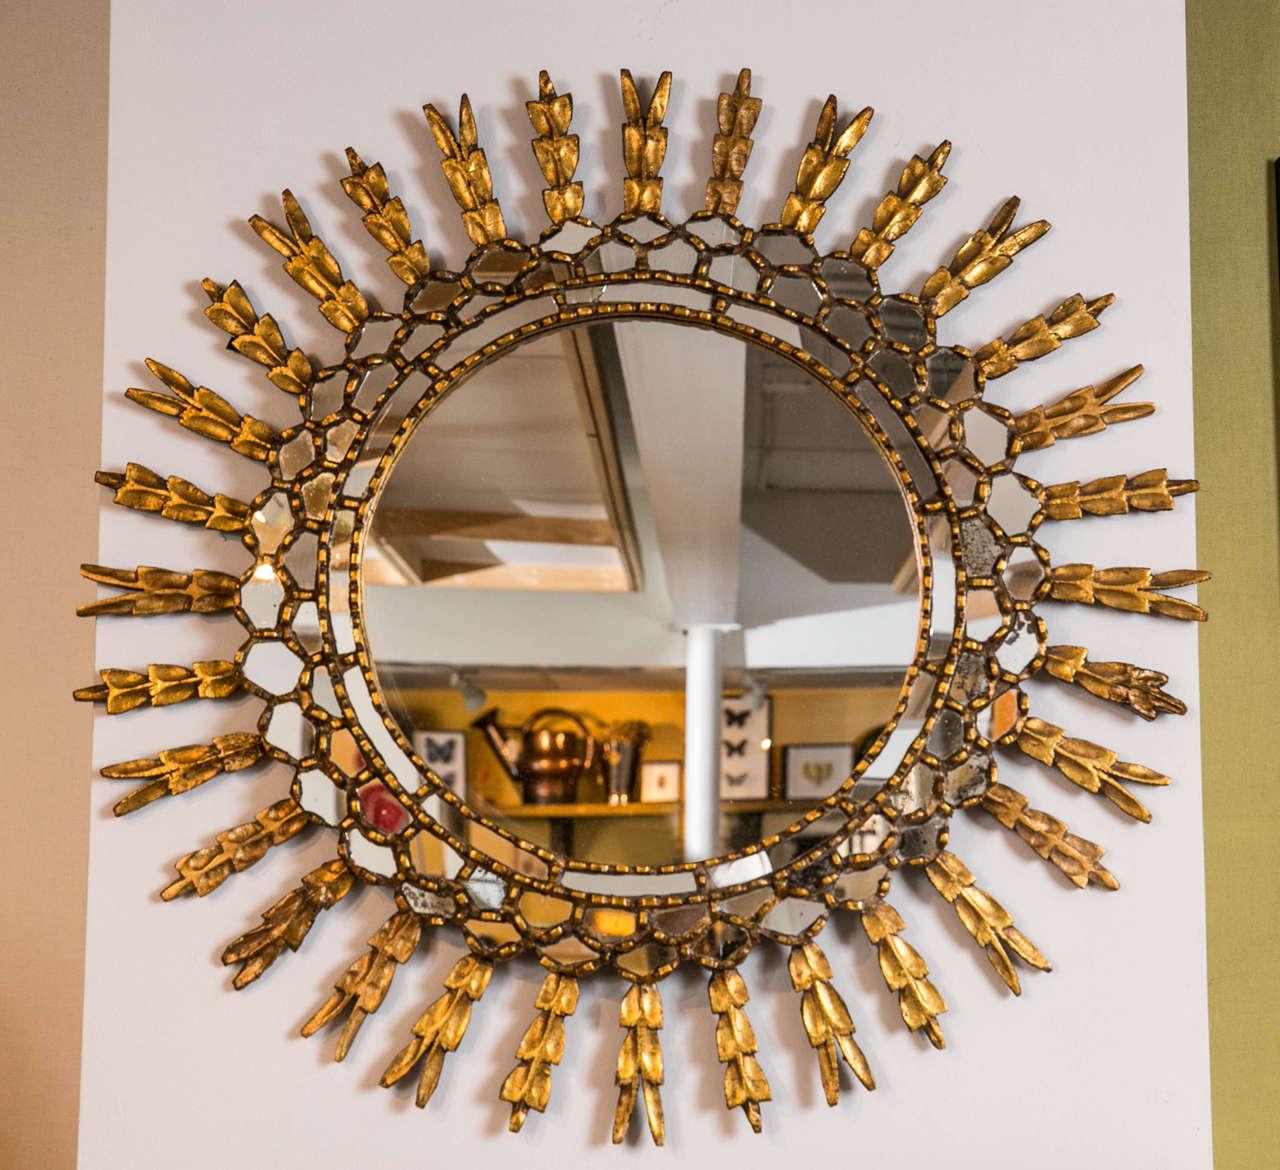 Giltwood sunburst mirror with tiered mirror border